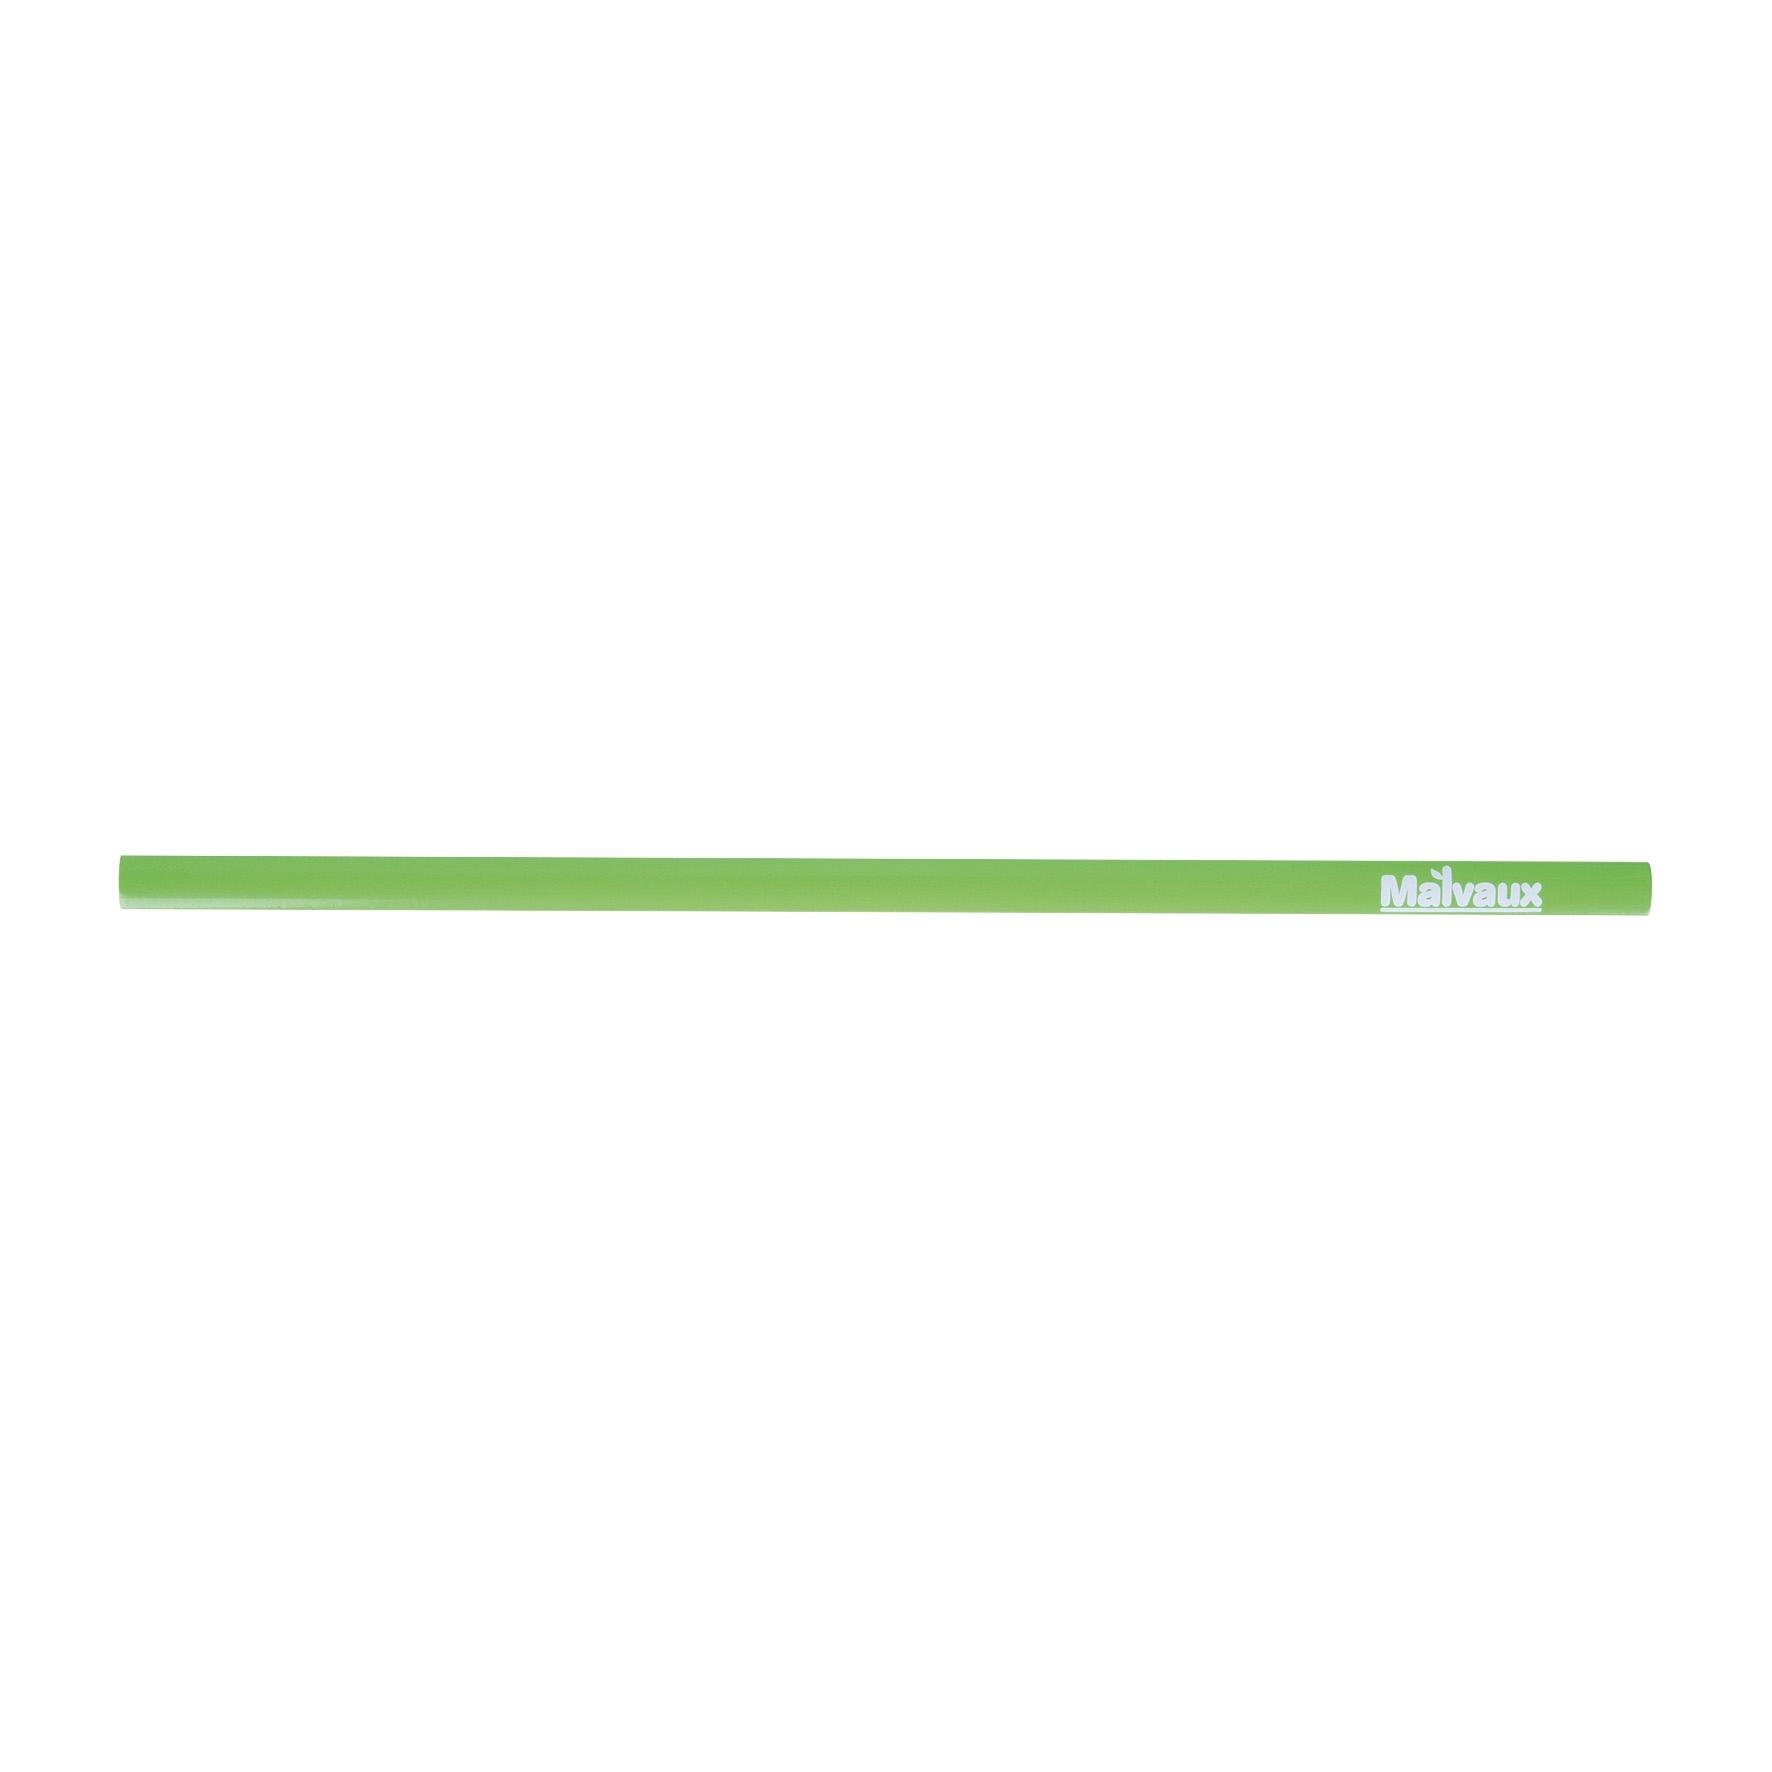 Objet publicitaire pour bricolage - Crayon publicitaire Charpentier